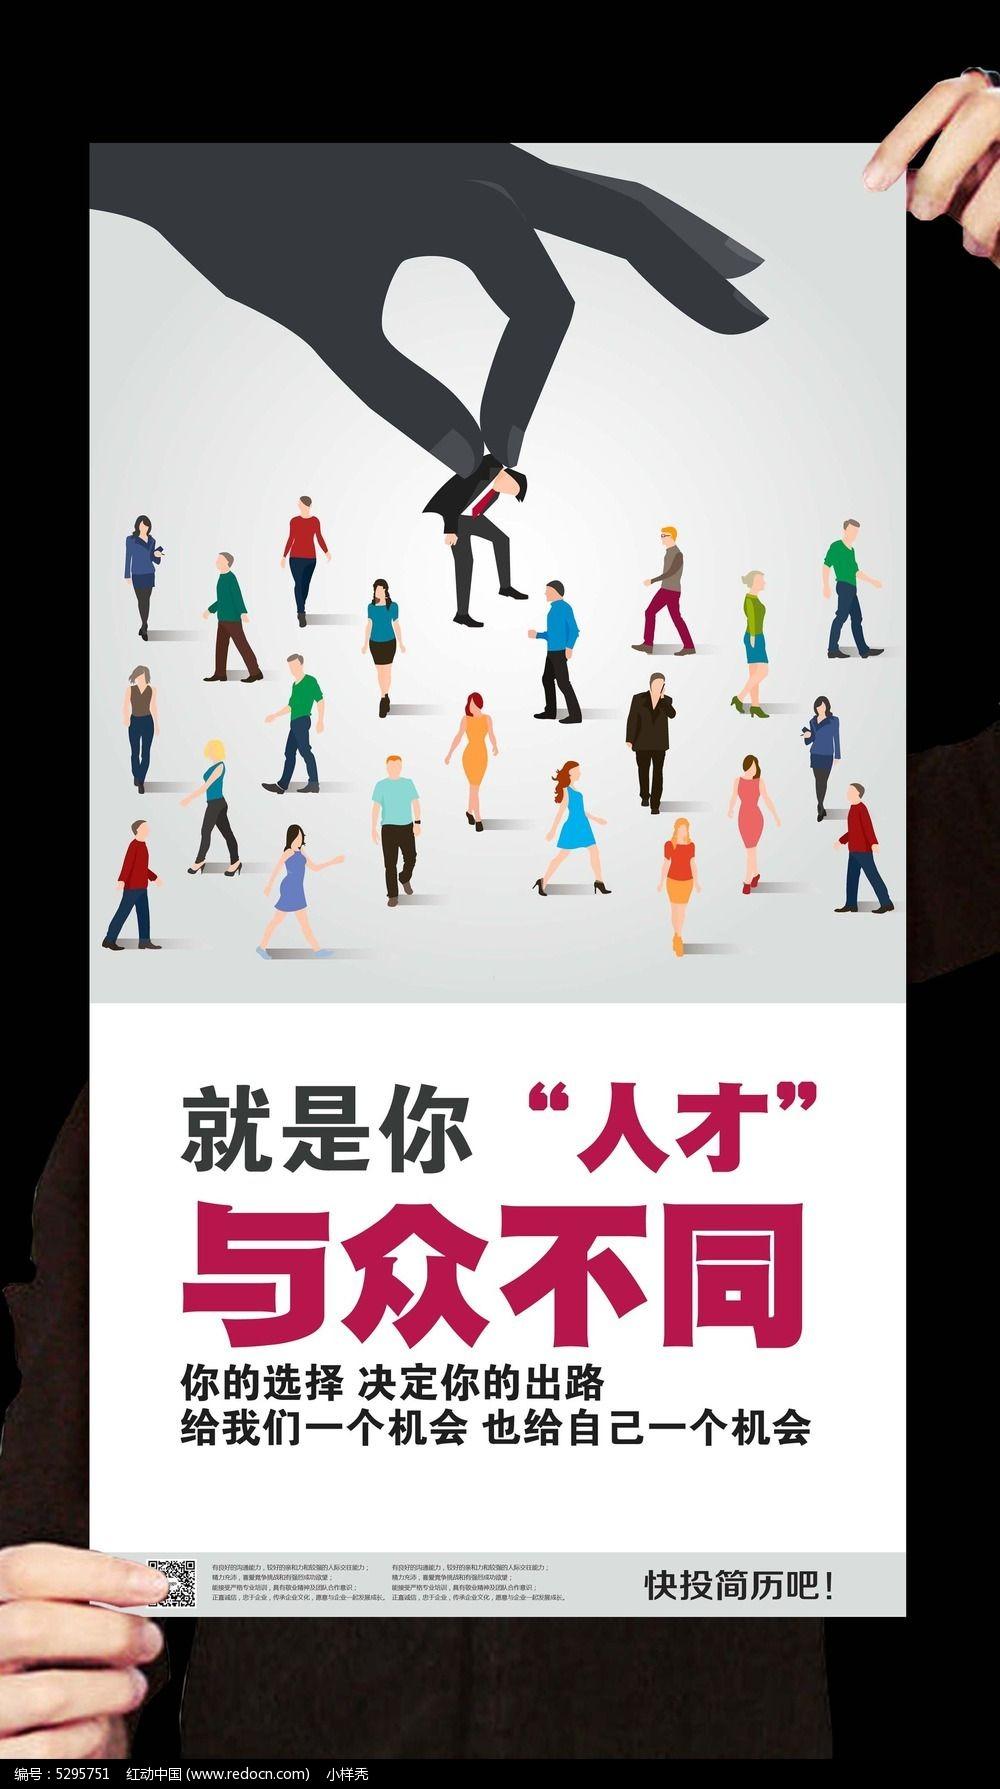 创意简约招聘广告海报图片